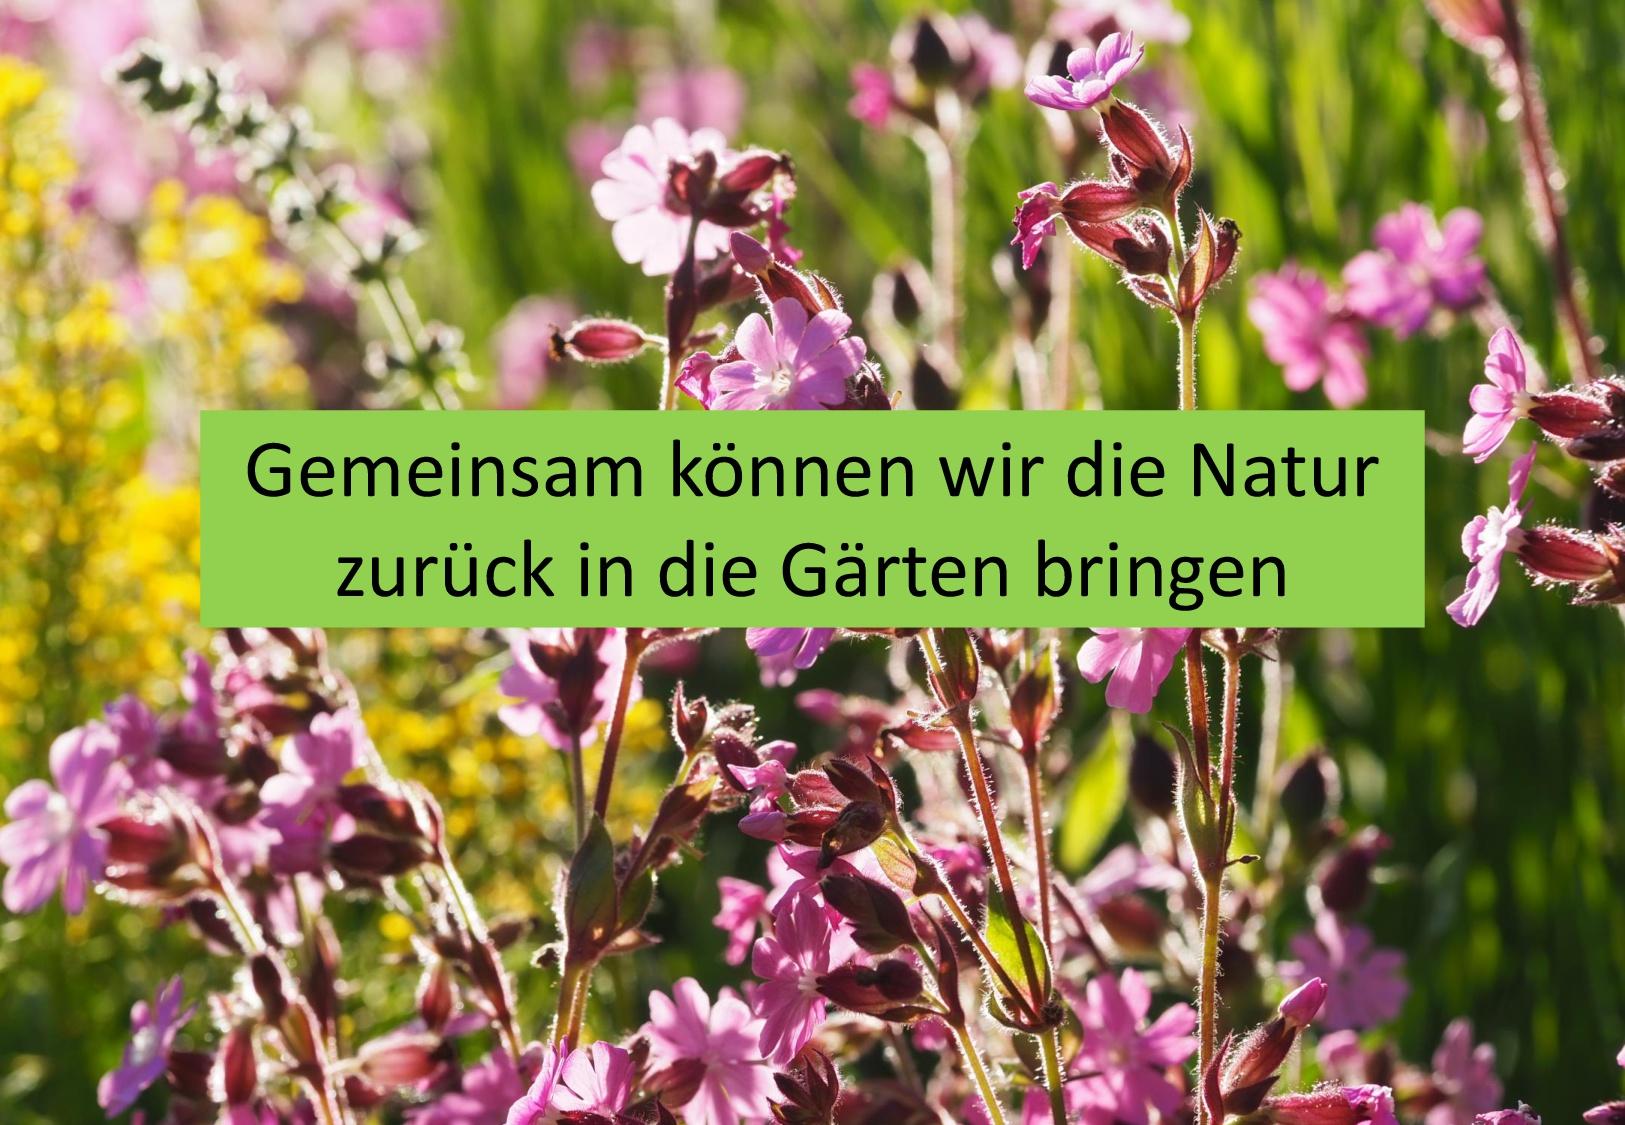 Vorschlag Insektenoase Gartenbau-Seite 2-008